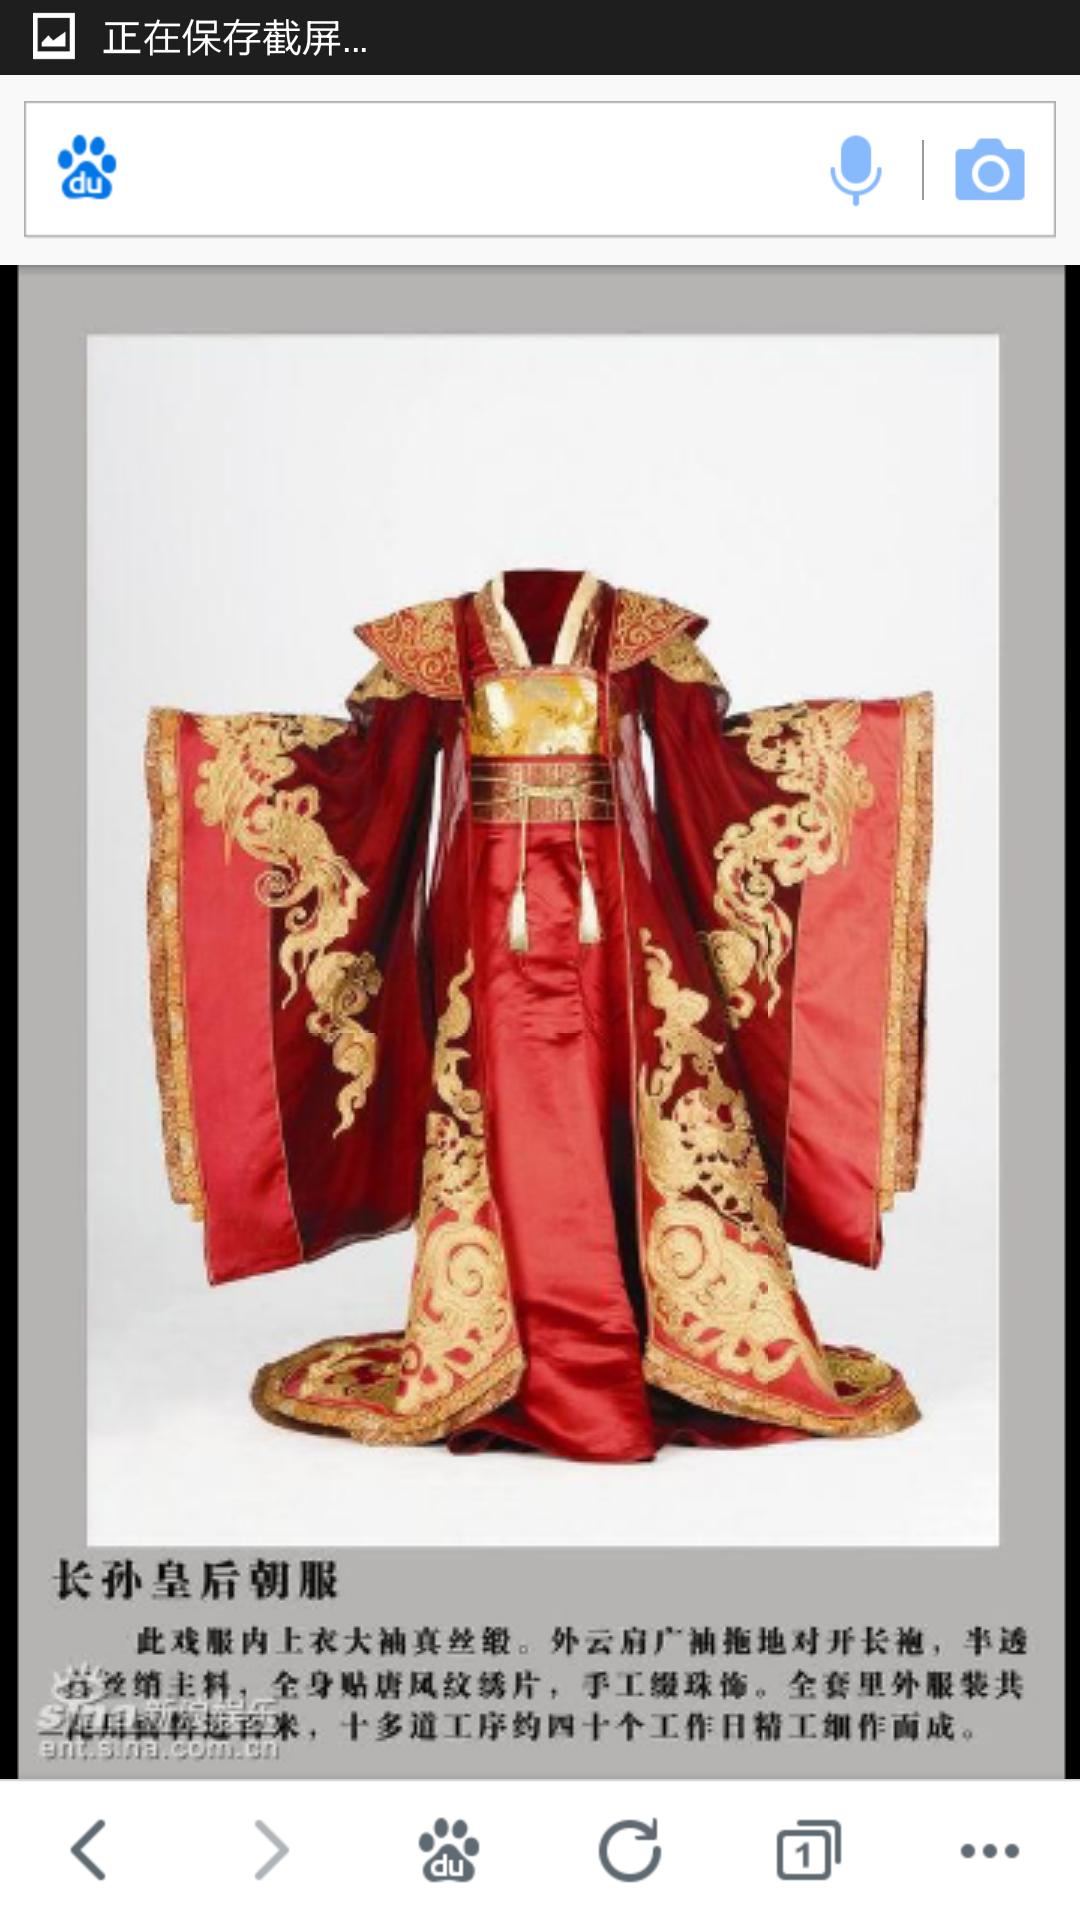 求古代皇后的凤冠,凤袍,还有各种妃嫔的图片